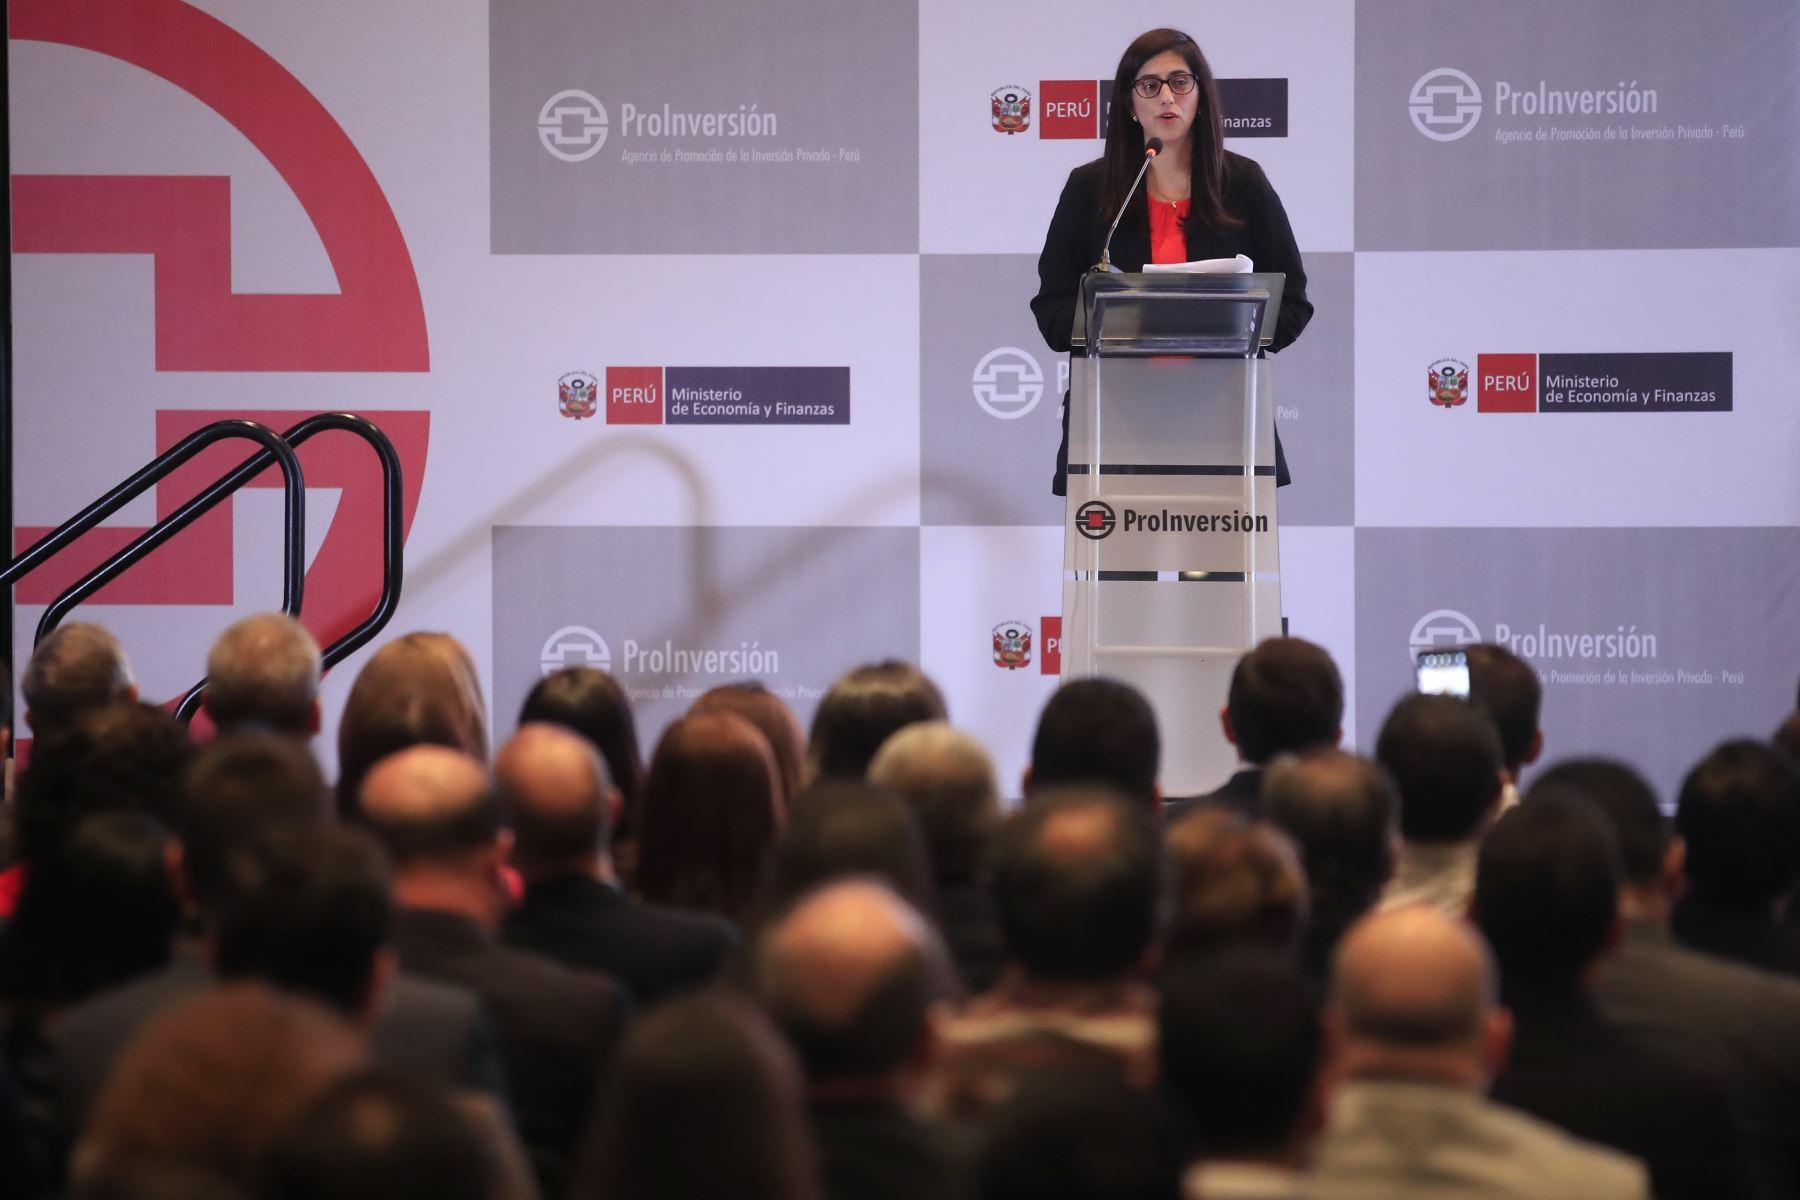 Ministra de Economía y Finanzas, María Antonieta Alva, participa en la presentación del portafolio de proyectos 2020-2021. Foto: ANDINA/Juan Carlos Guzmán